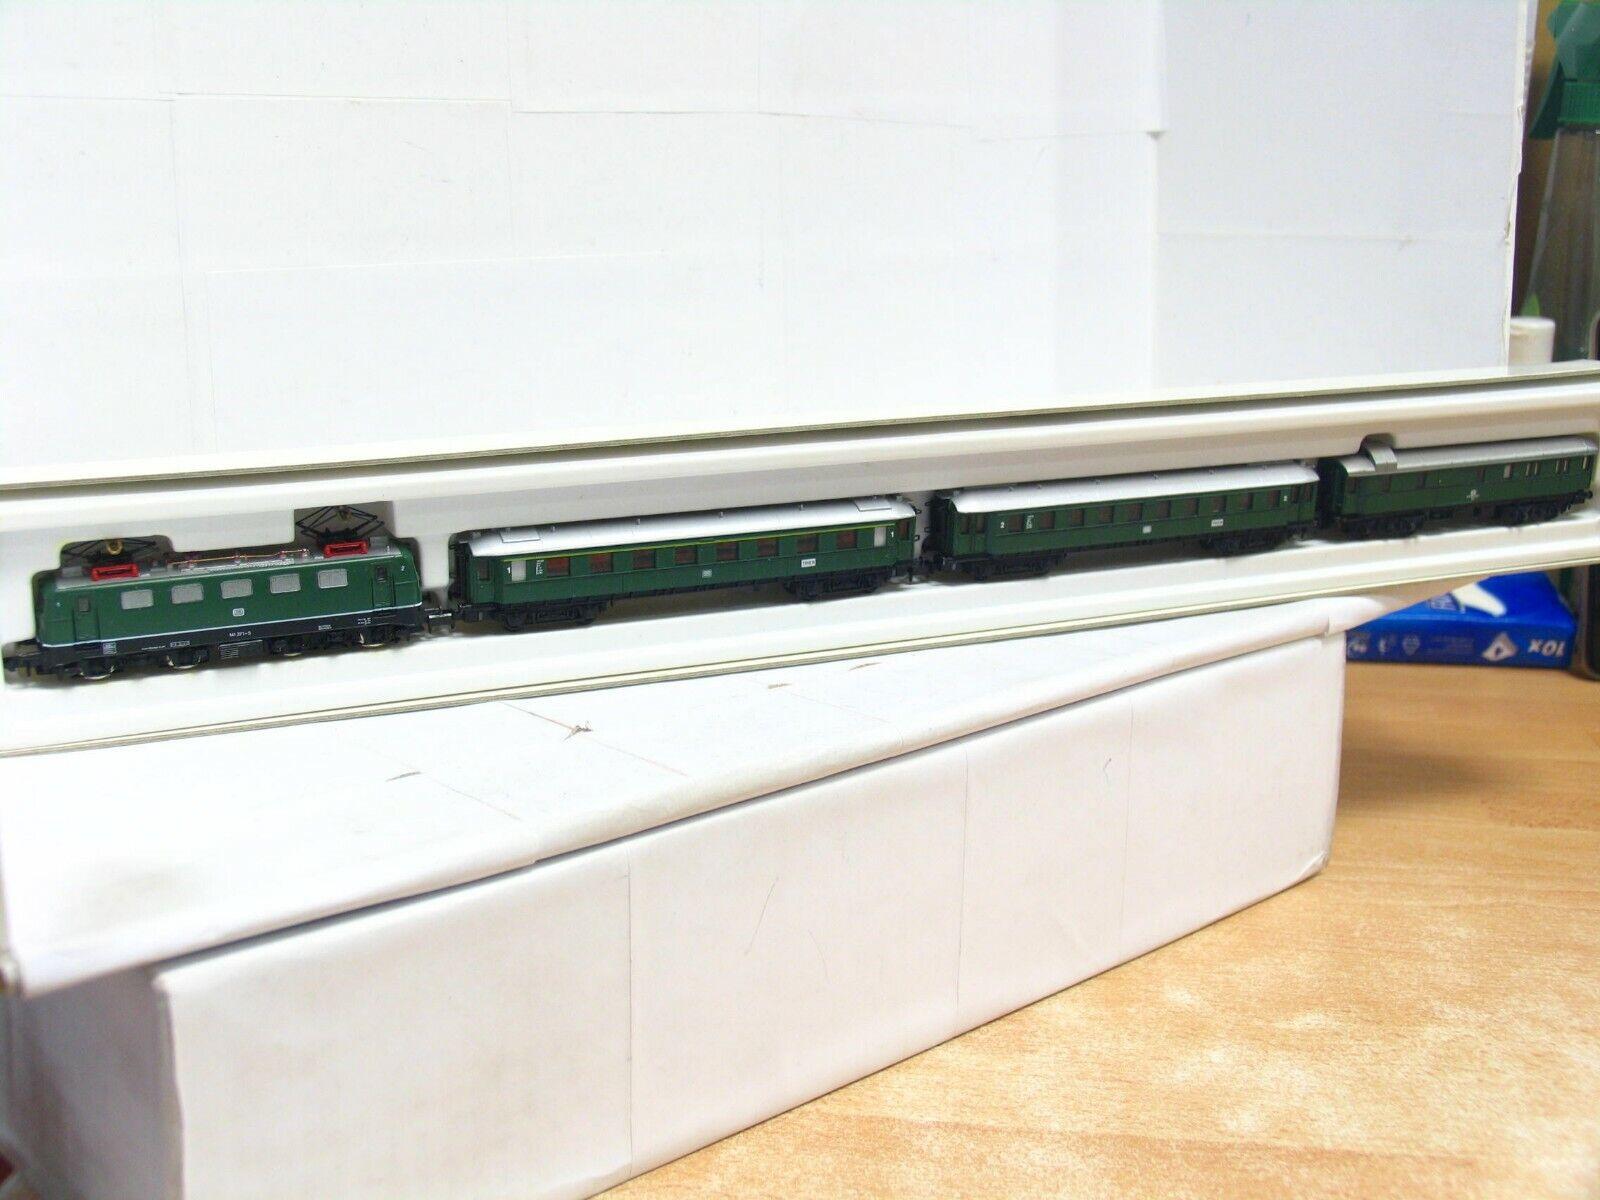 Arnold n 0134 4 piezas de pasajeros rce  Trier  con e-Lok br 141 DB embalaje original (rb8744)